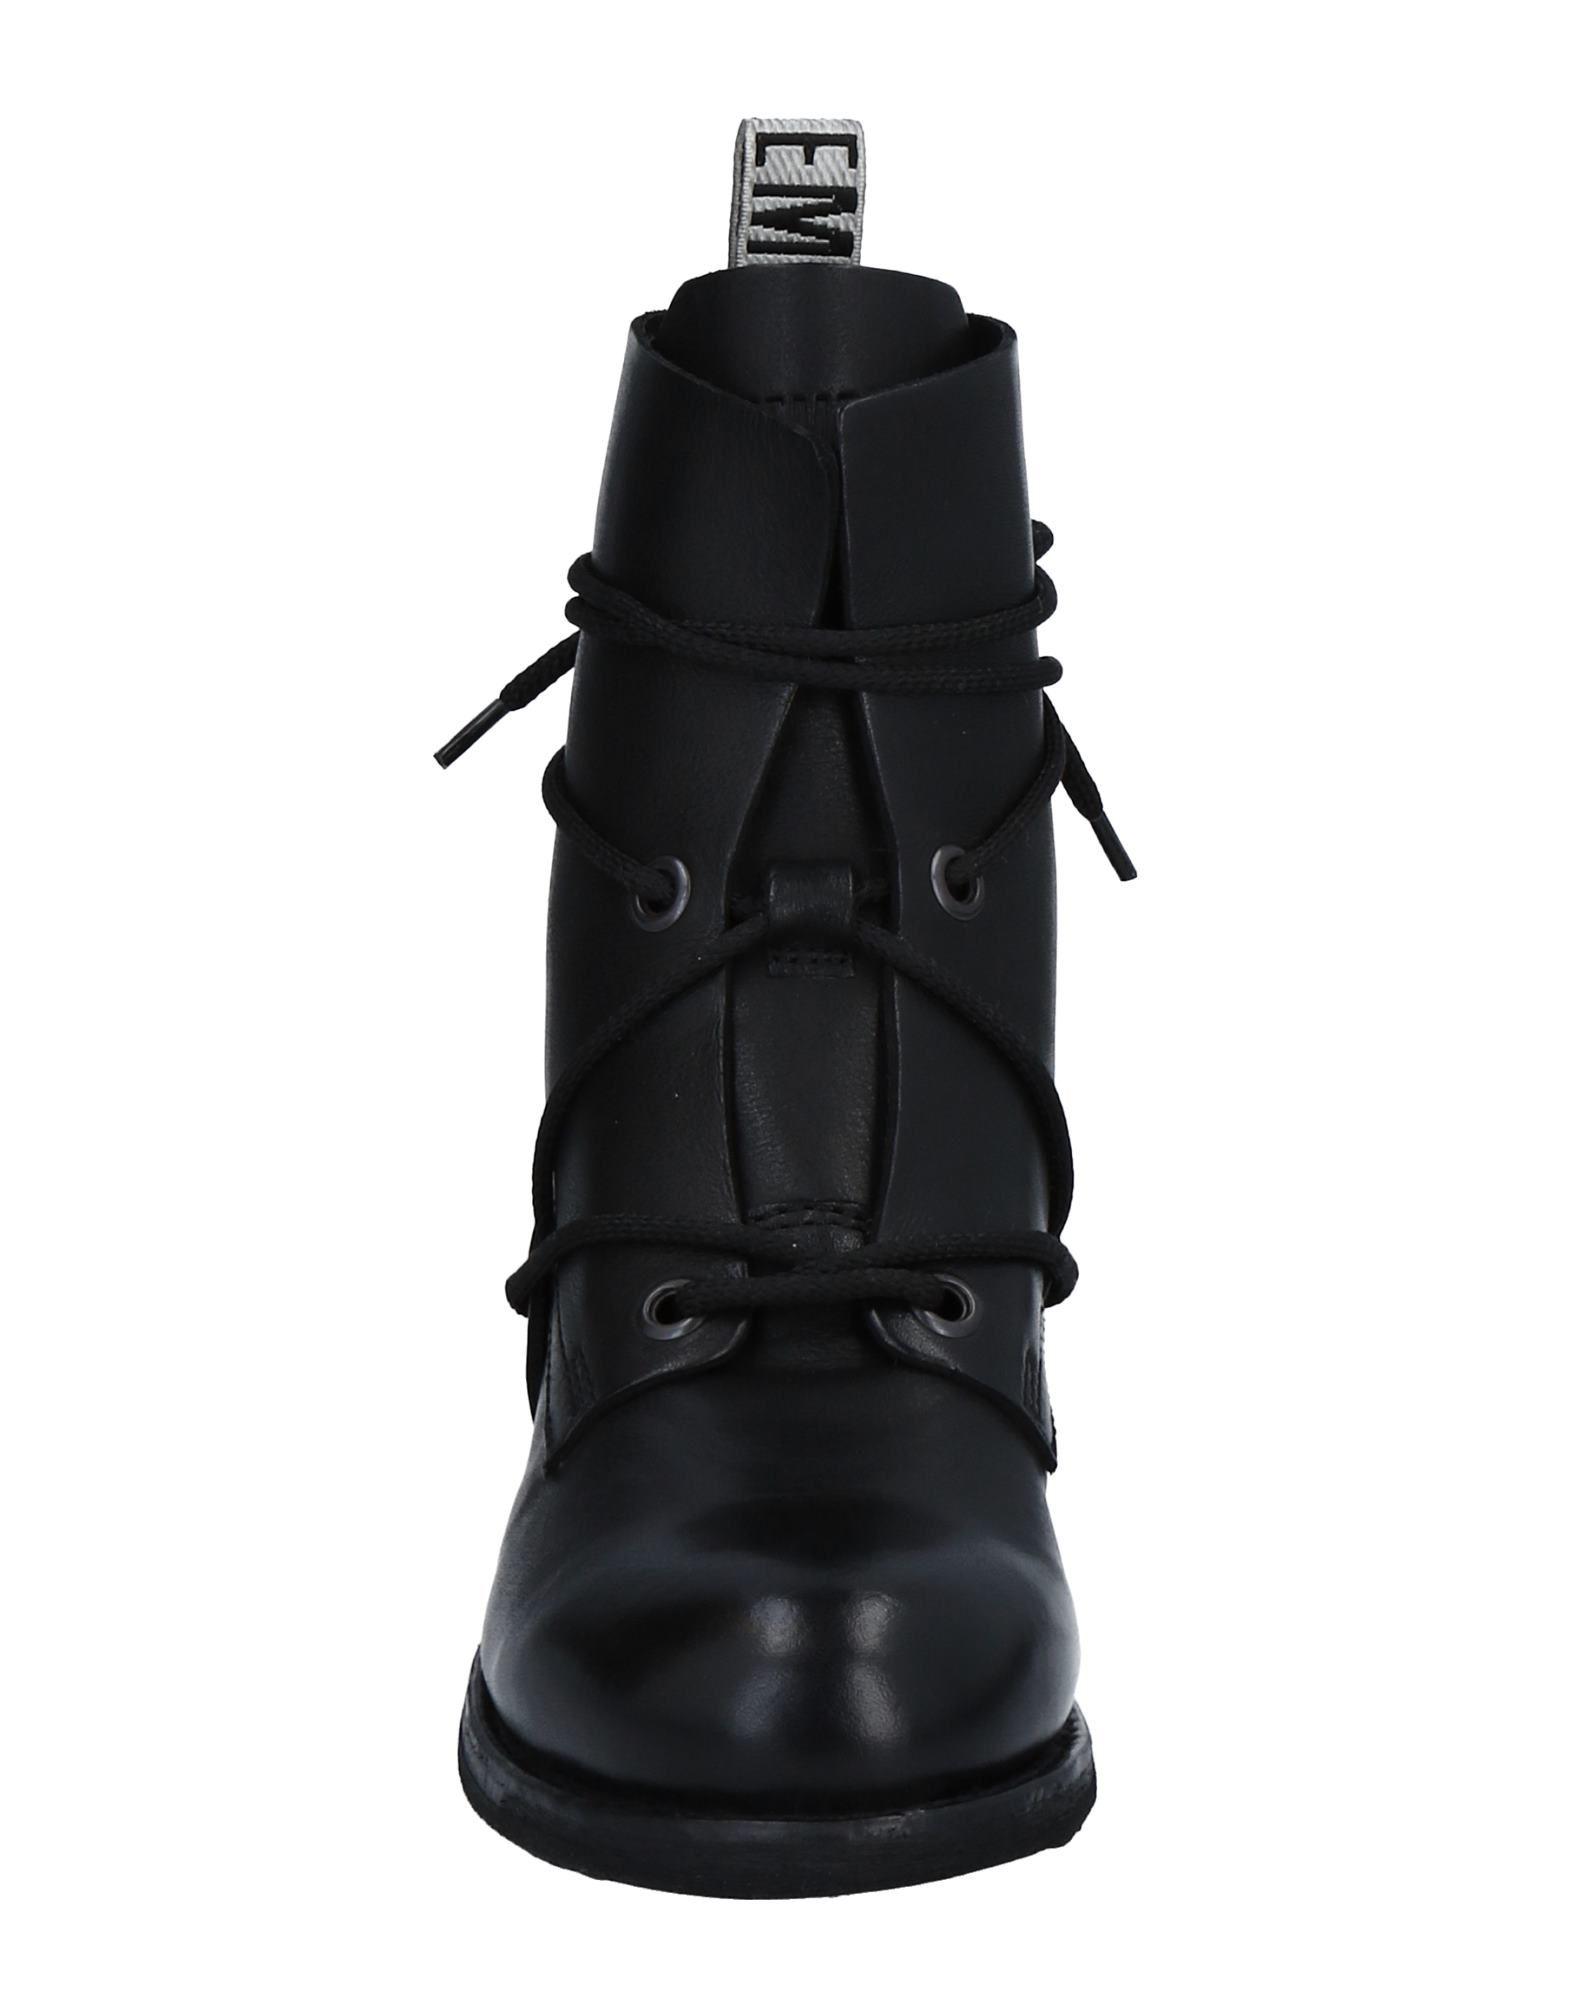 Bikkembergs Stiefelette Damen aussehende  11517524FQGut aussehende Damen strapazierfähige Schuhe 600f1f